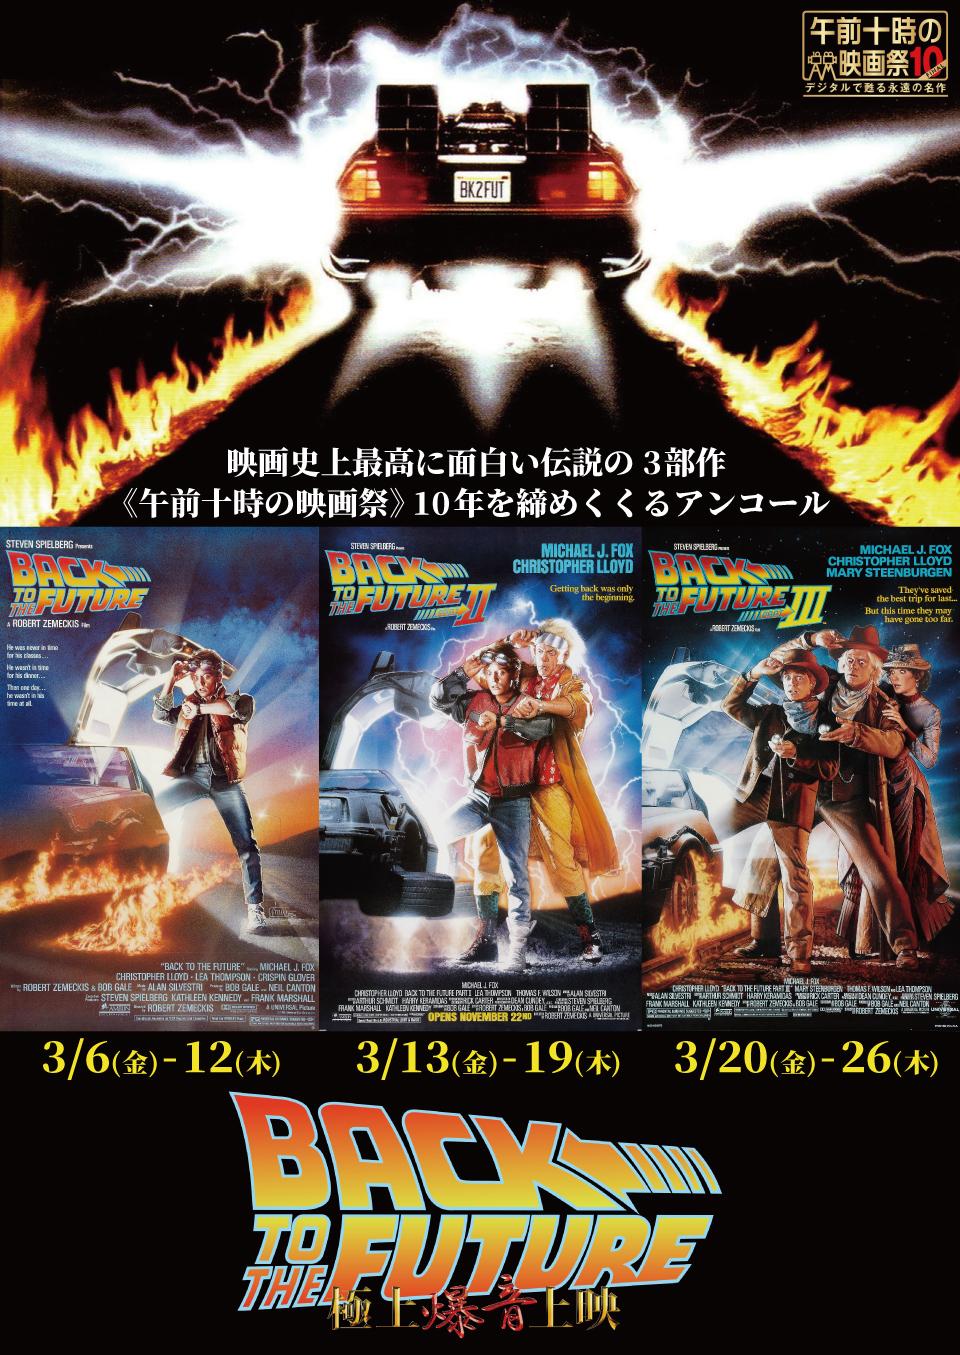 3/20(金)-26(木)大好評につき『バック・トゥ・ザ・フューチャー』【極爆】どどんと3部作とも上映決定。1日で3部作観られるのは初!